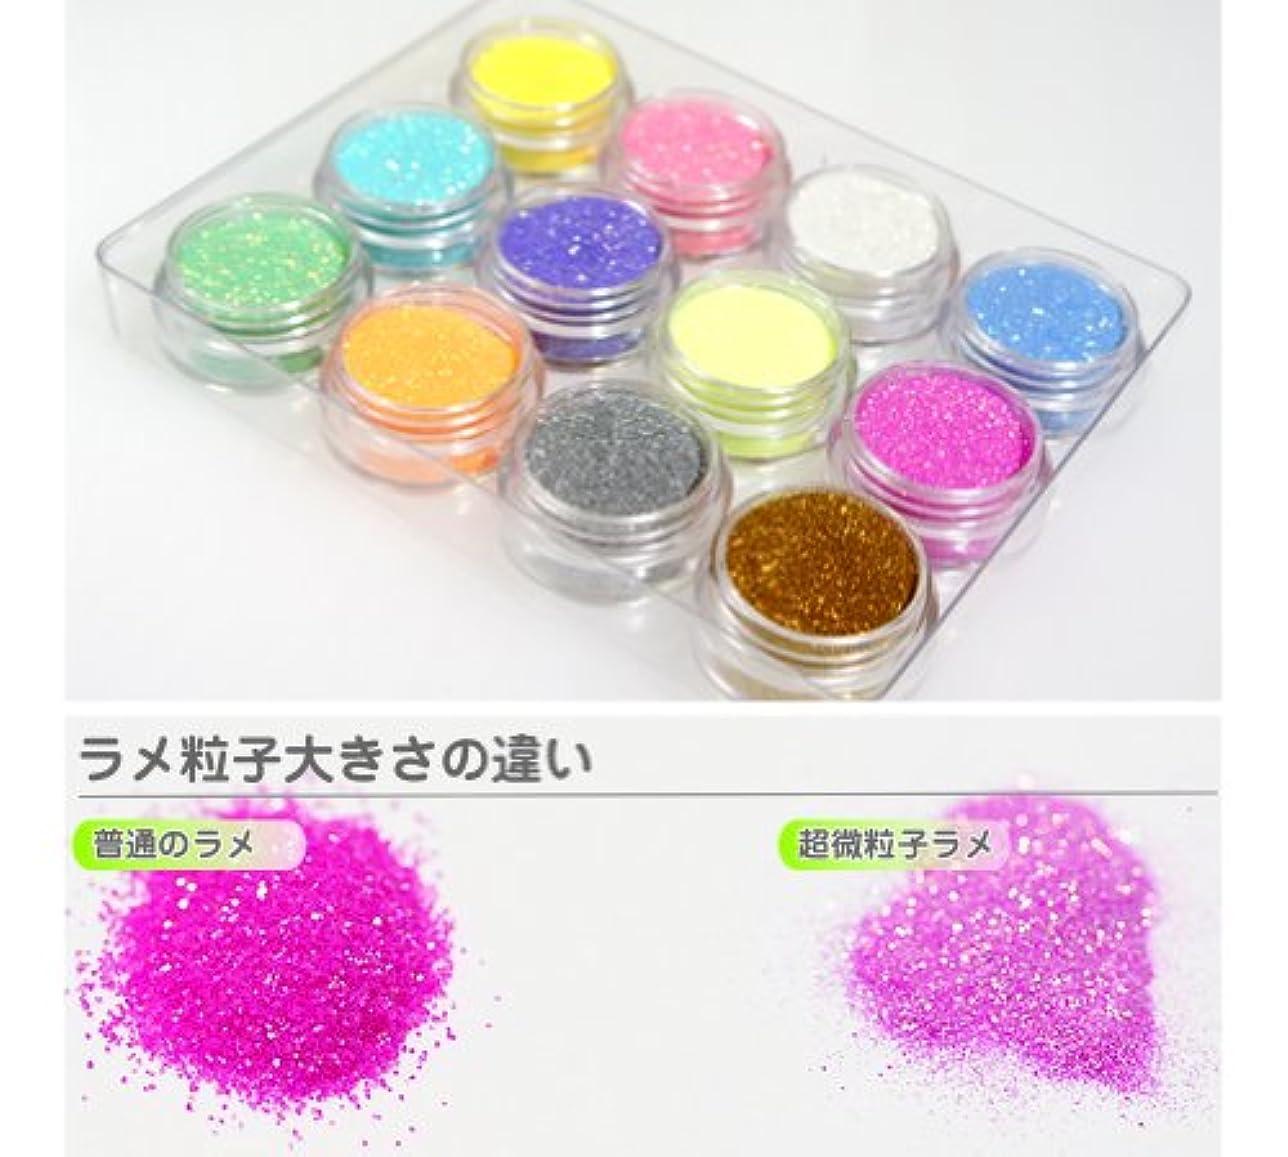 谷ロイヤリティ押し下げるネオコレクションオリジナル☆超微粒子ラメパウダー0.1mm、砂のようにサラサラで抜群の発色 ジェルネイルアートに!